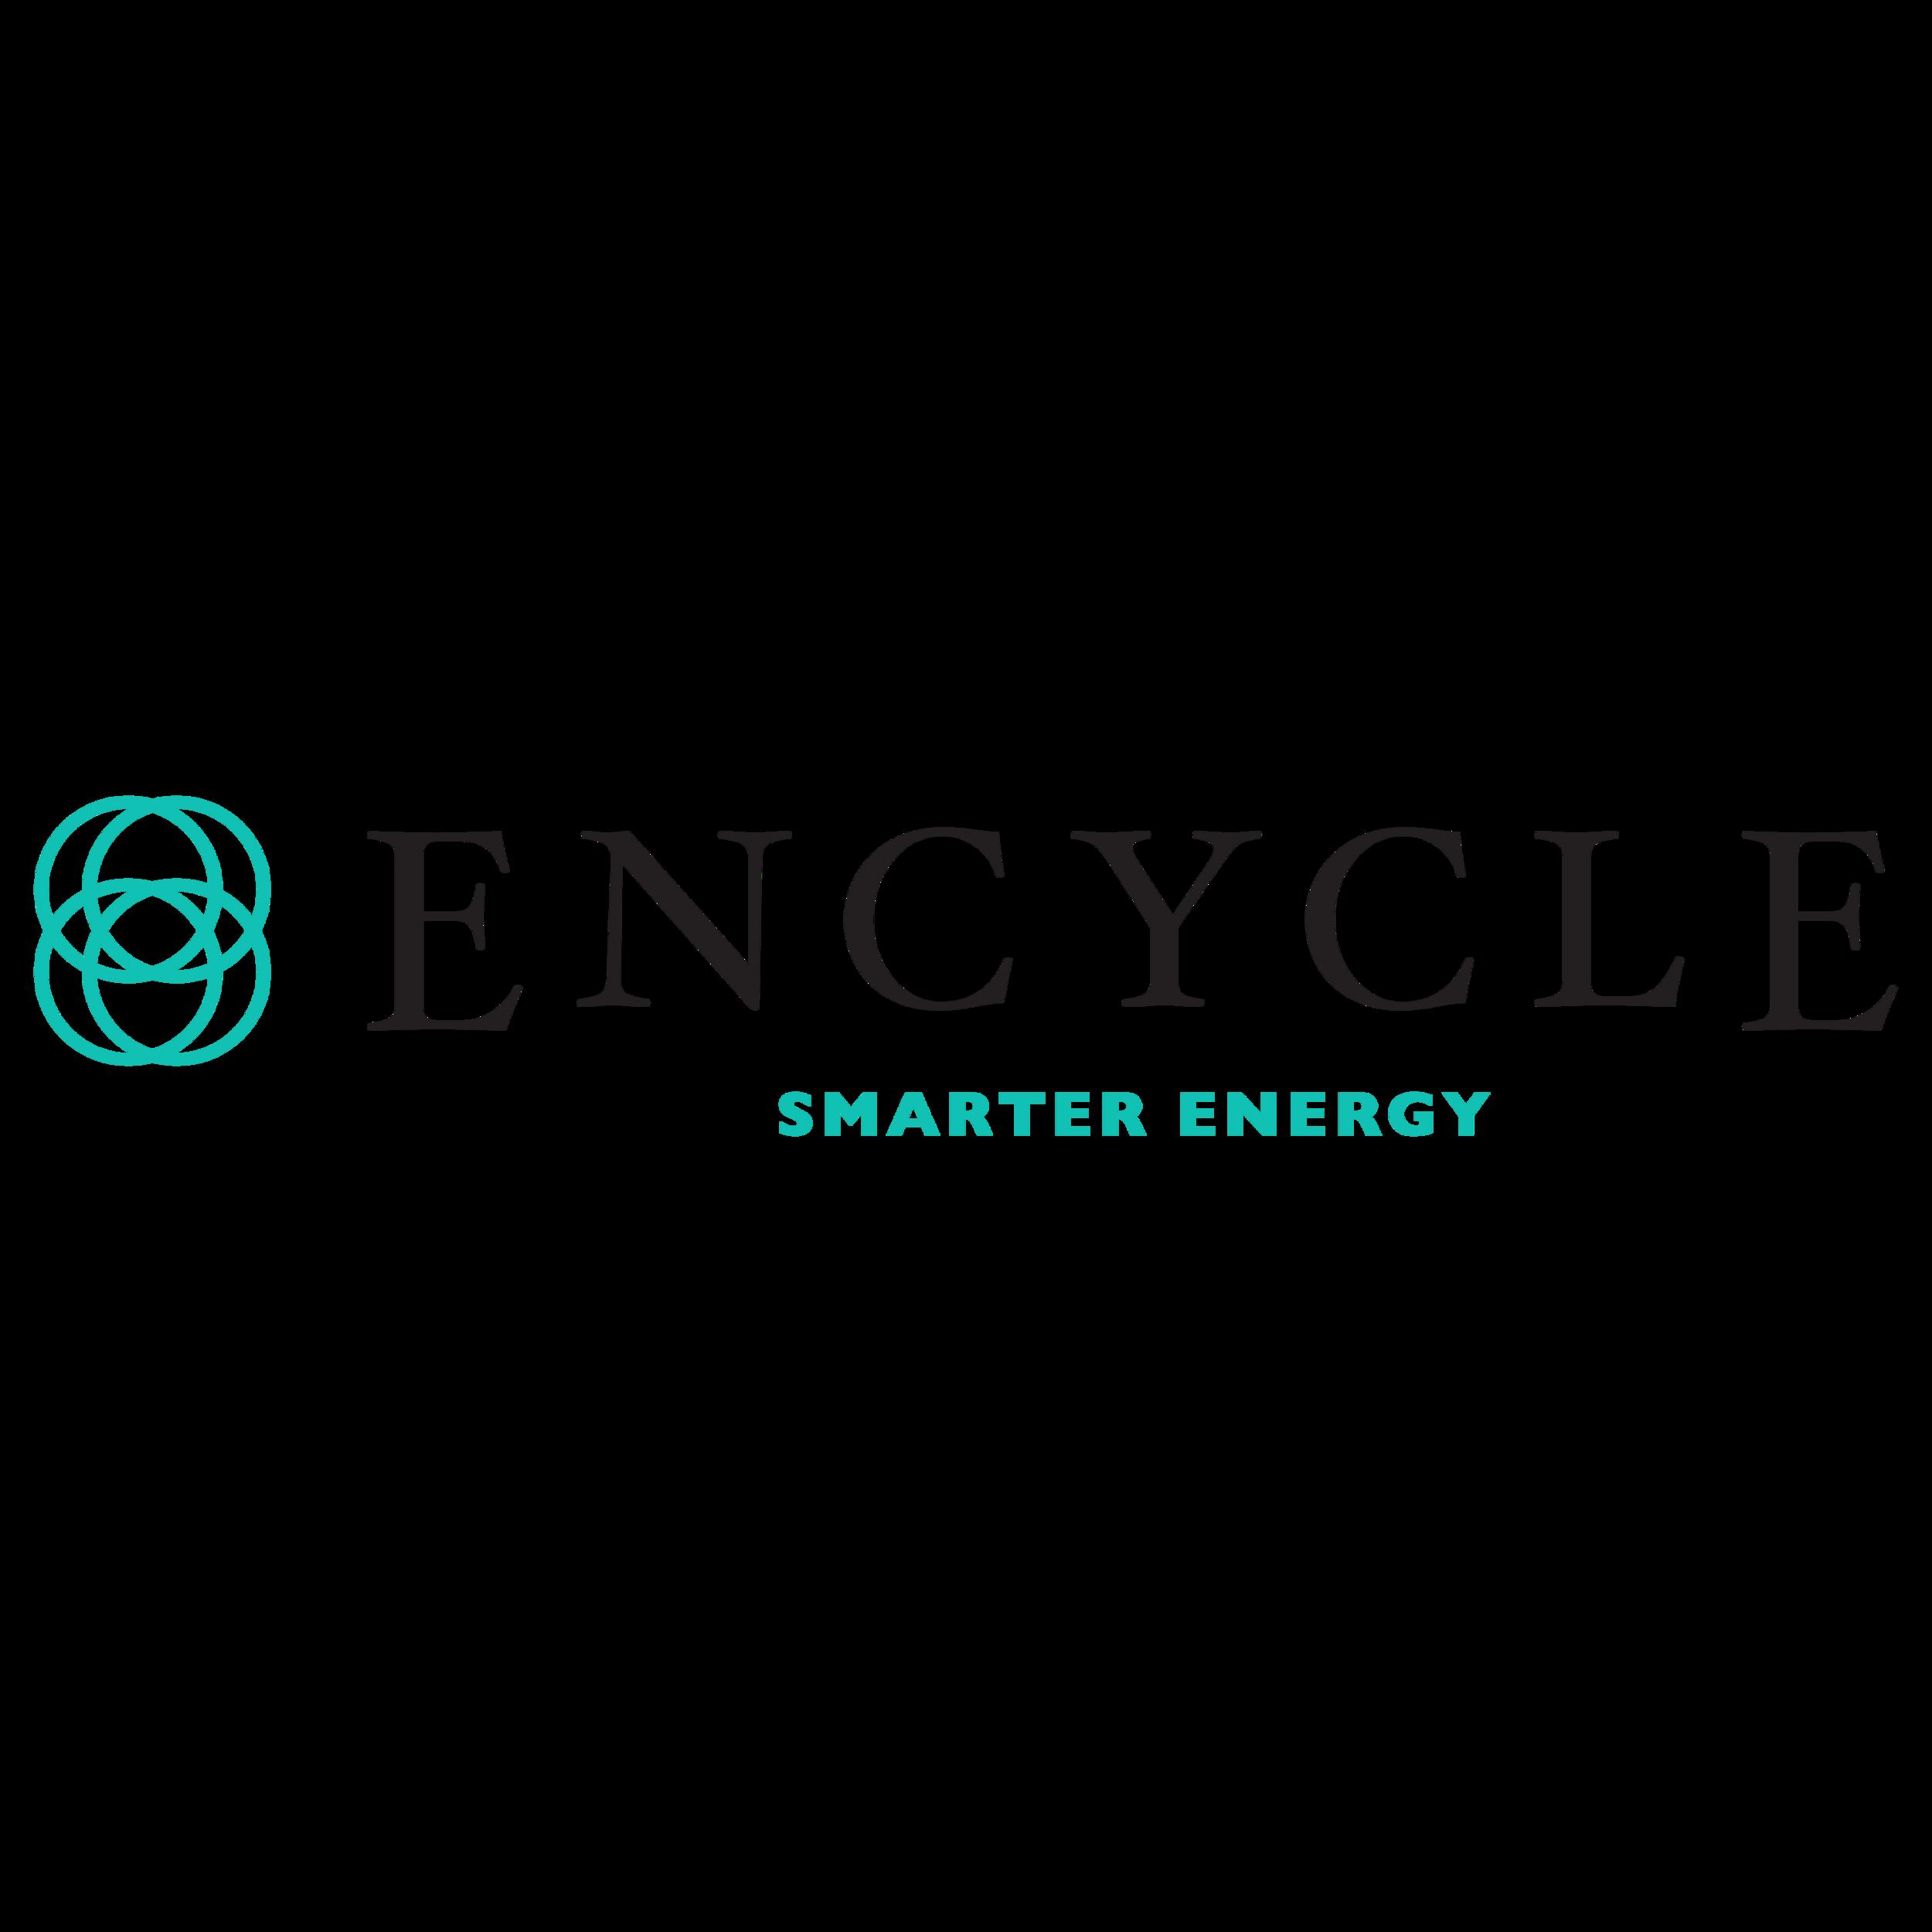 Encycle